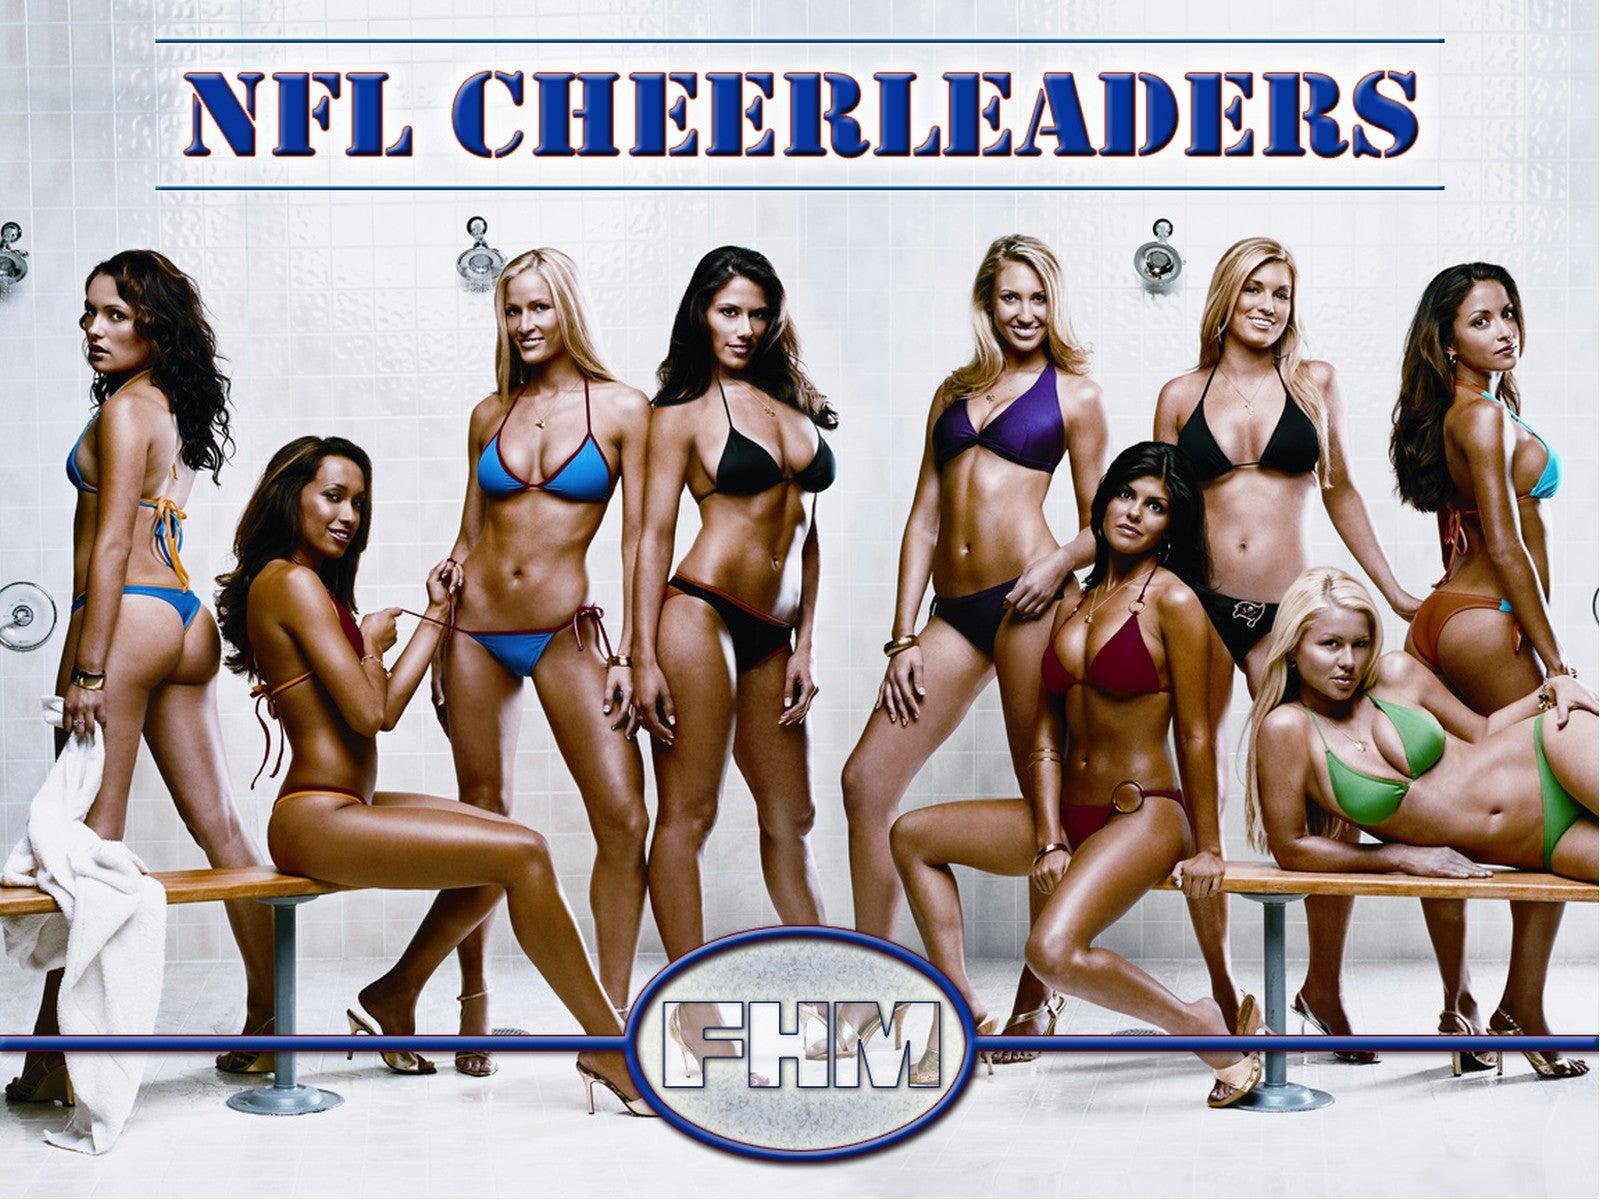 nfl cheerleaders bikini